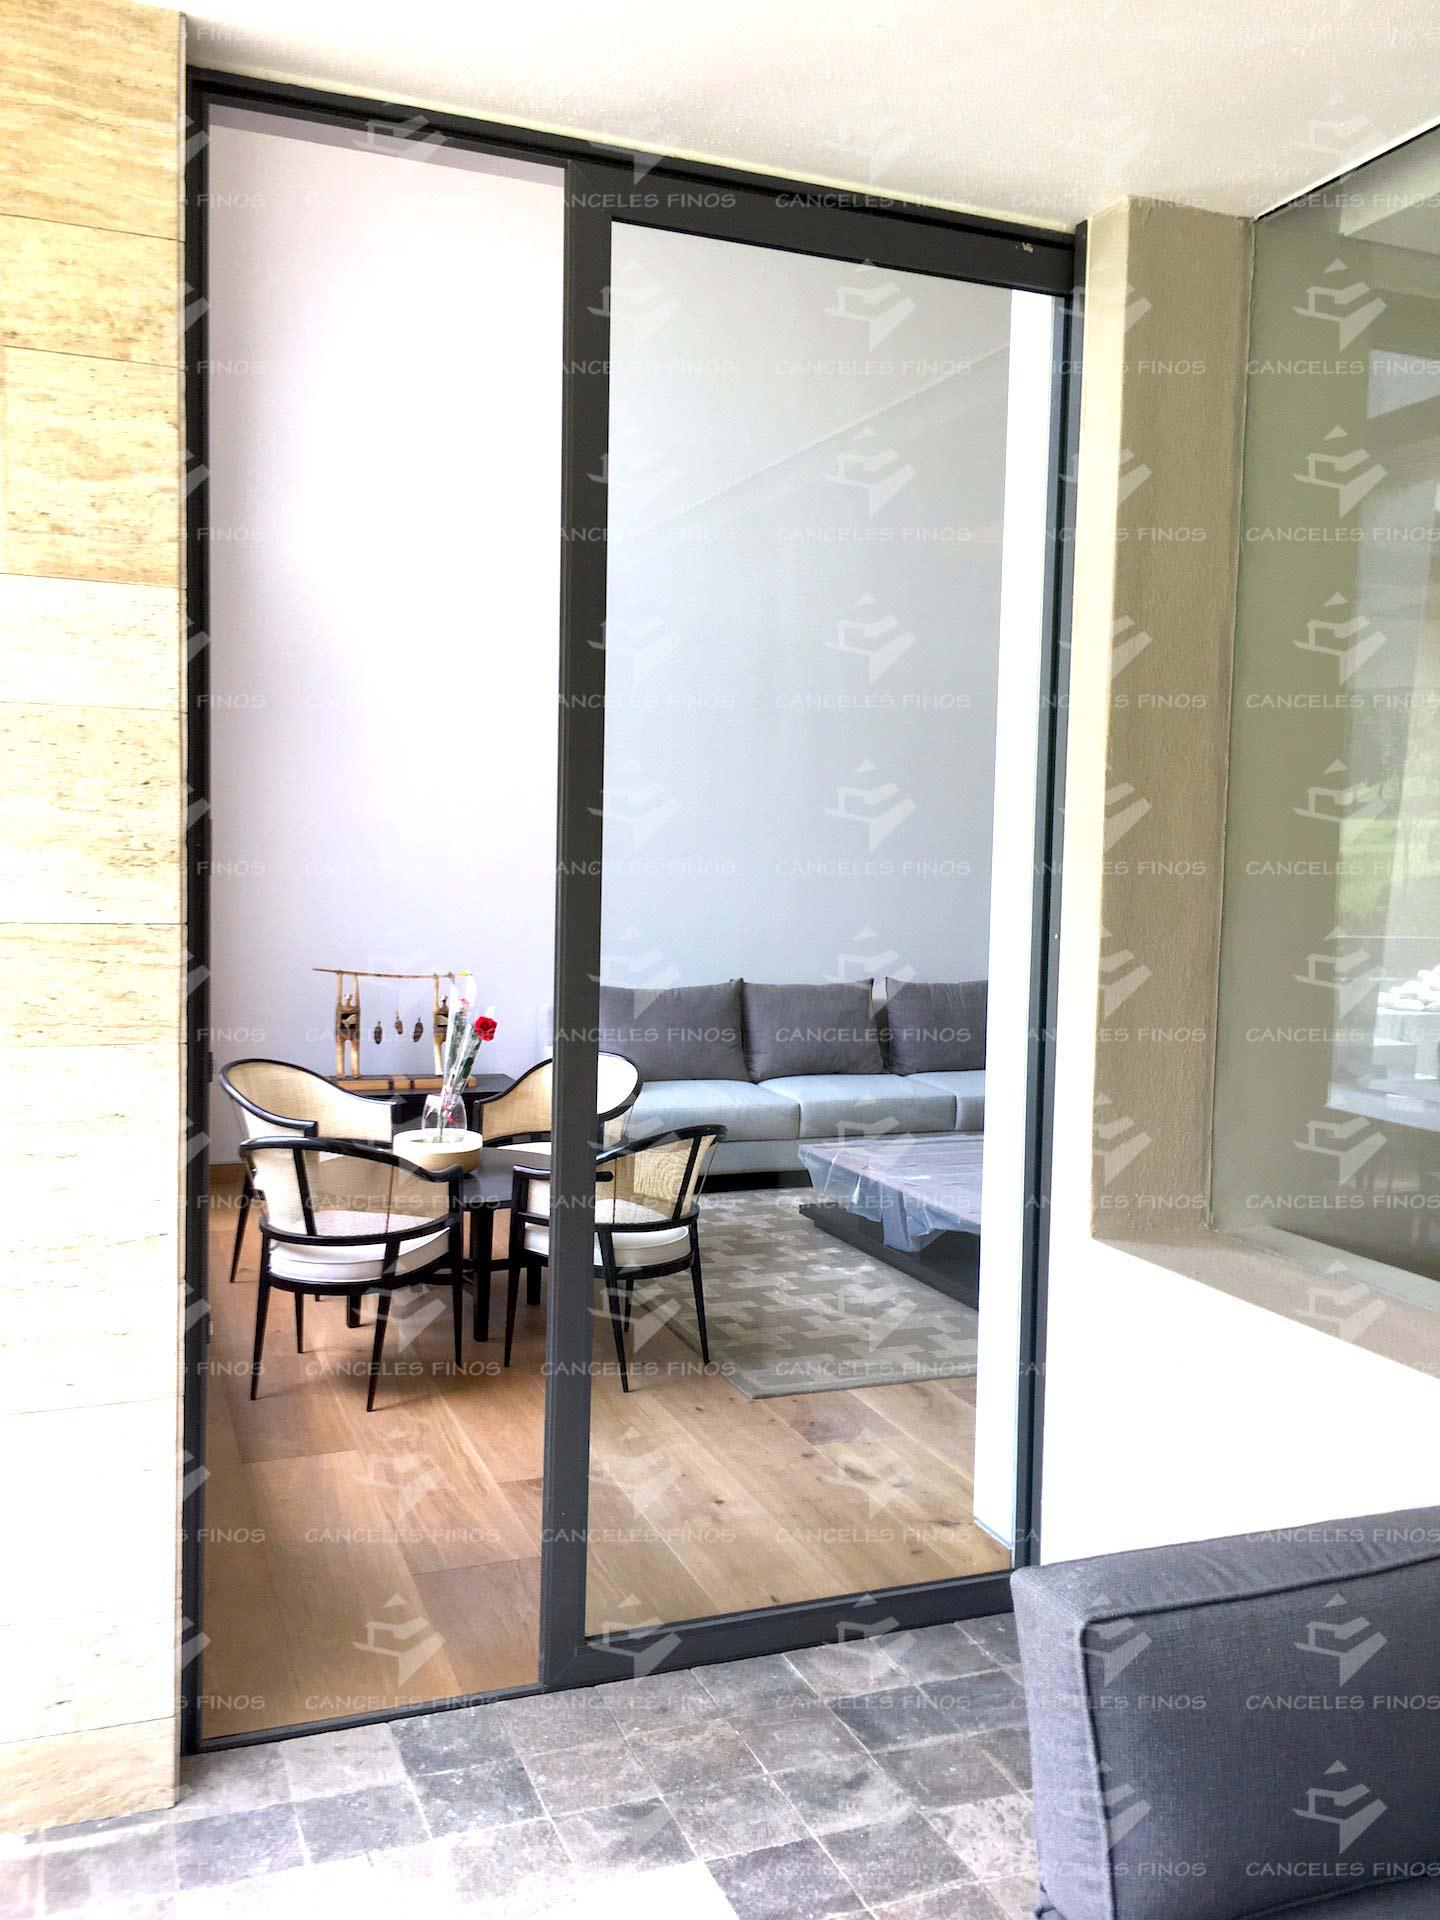 Puertas de cristal precios best china puertas correderas de cristal precio al por mayor - Precio cristal climalit ...